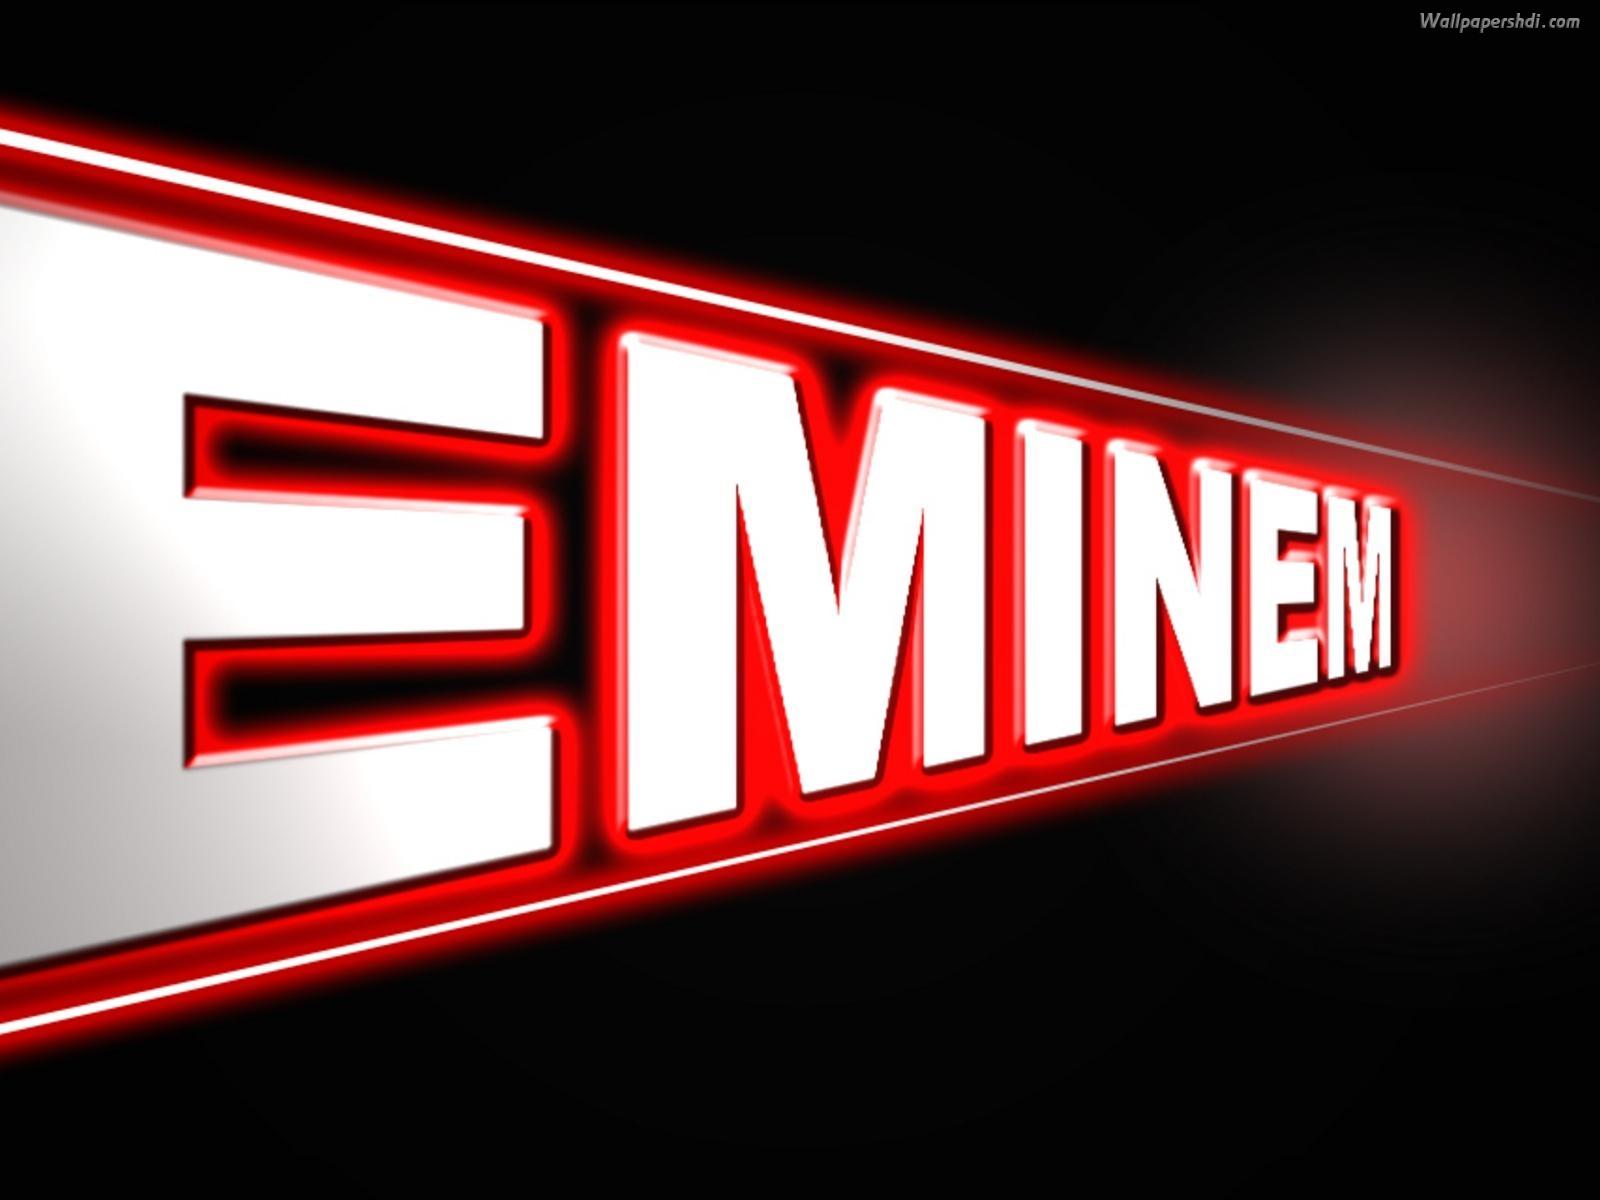 Best Wallpaper Logo Eminem - eminem-1600x1200-2166  Best Photo Reference_946293.jpg